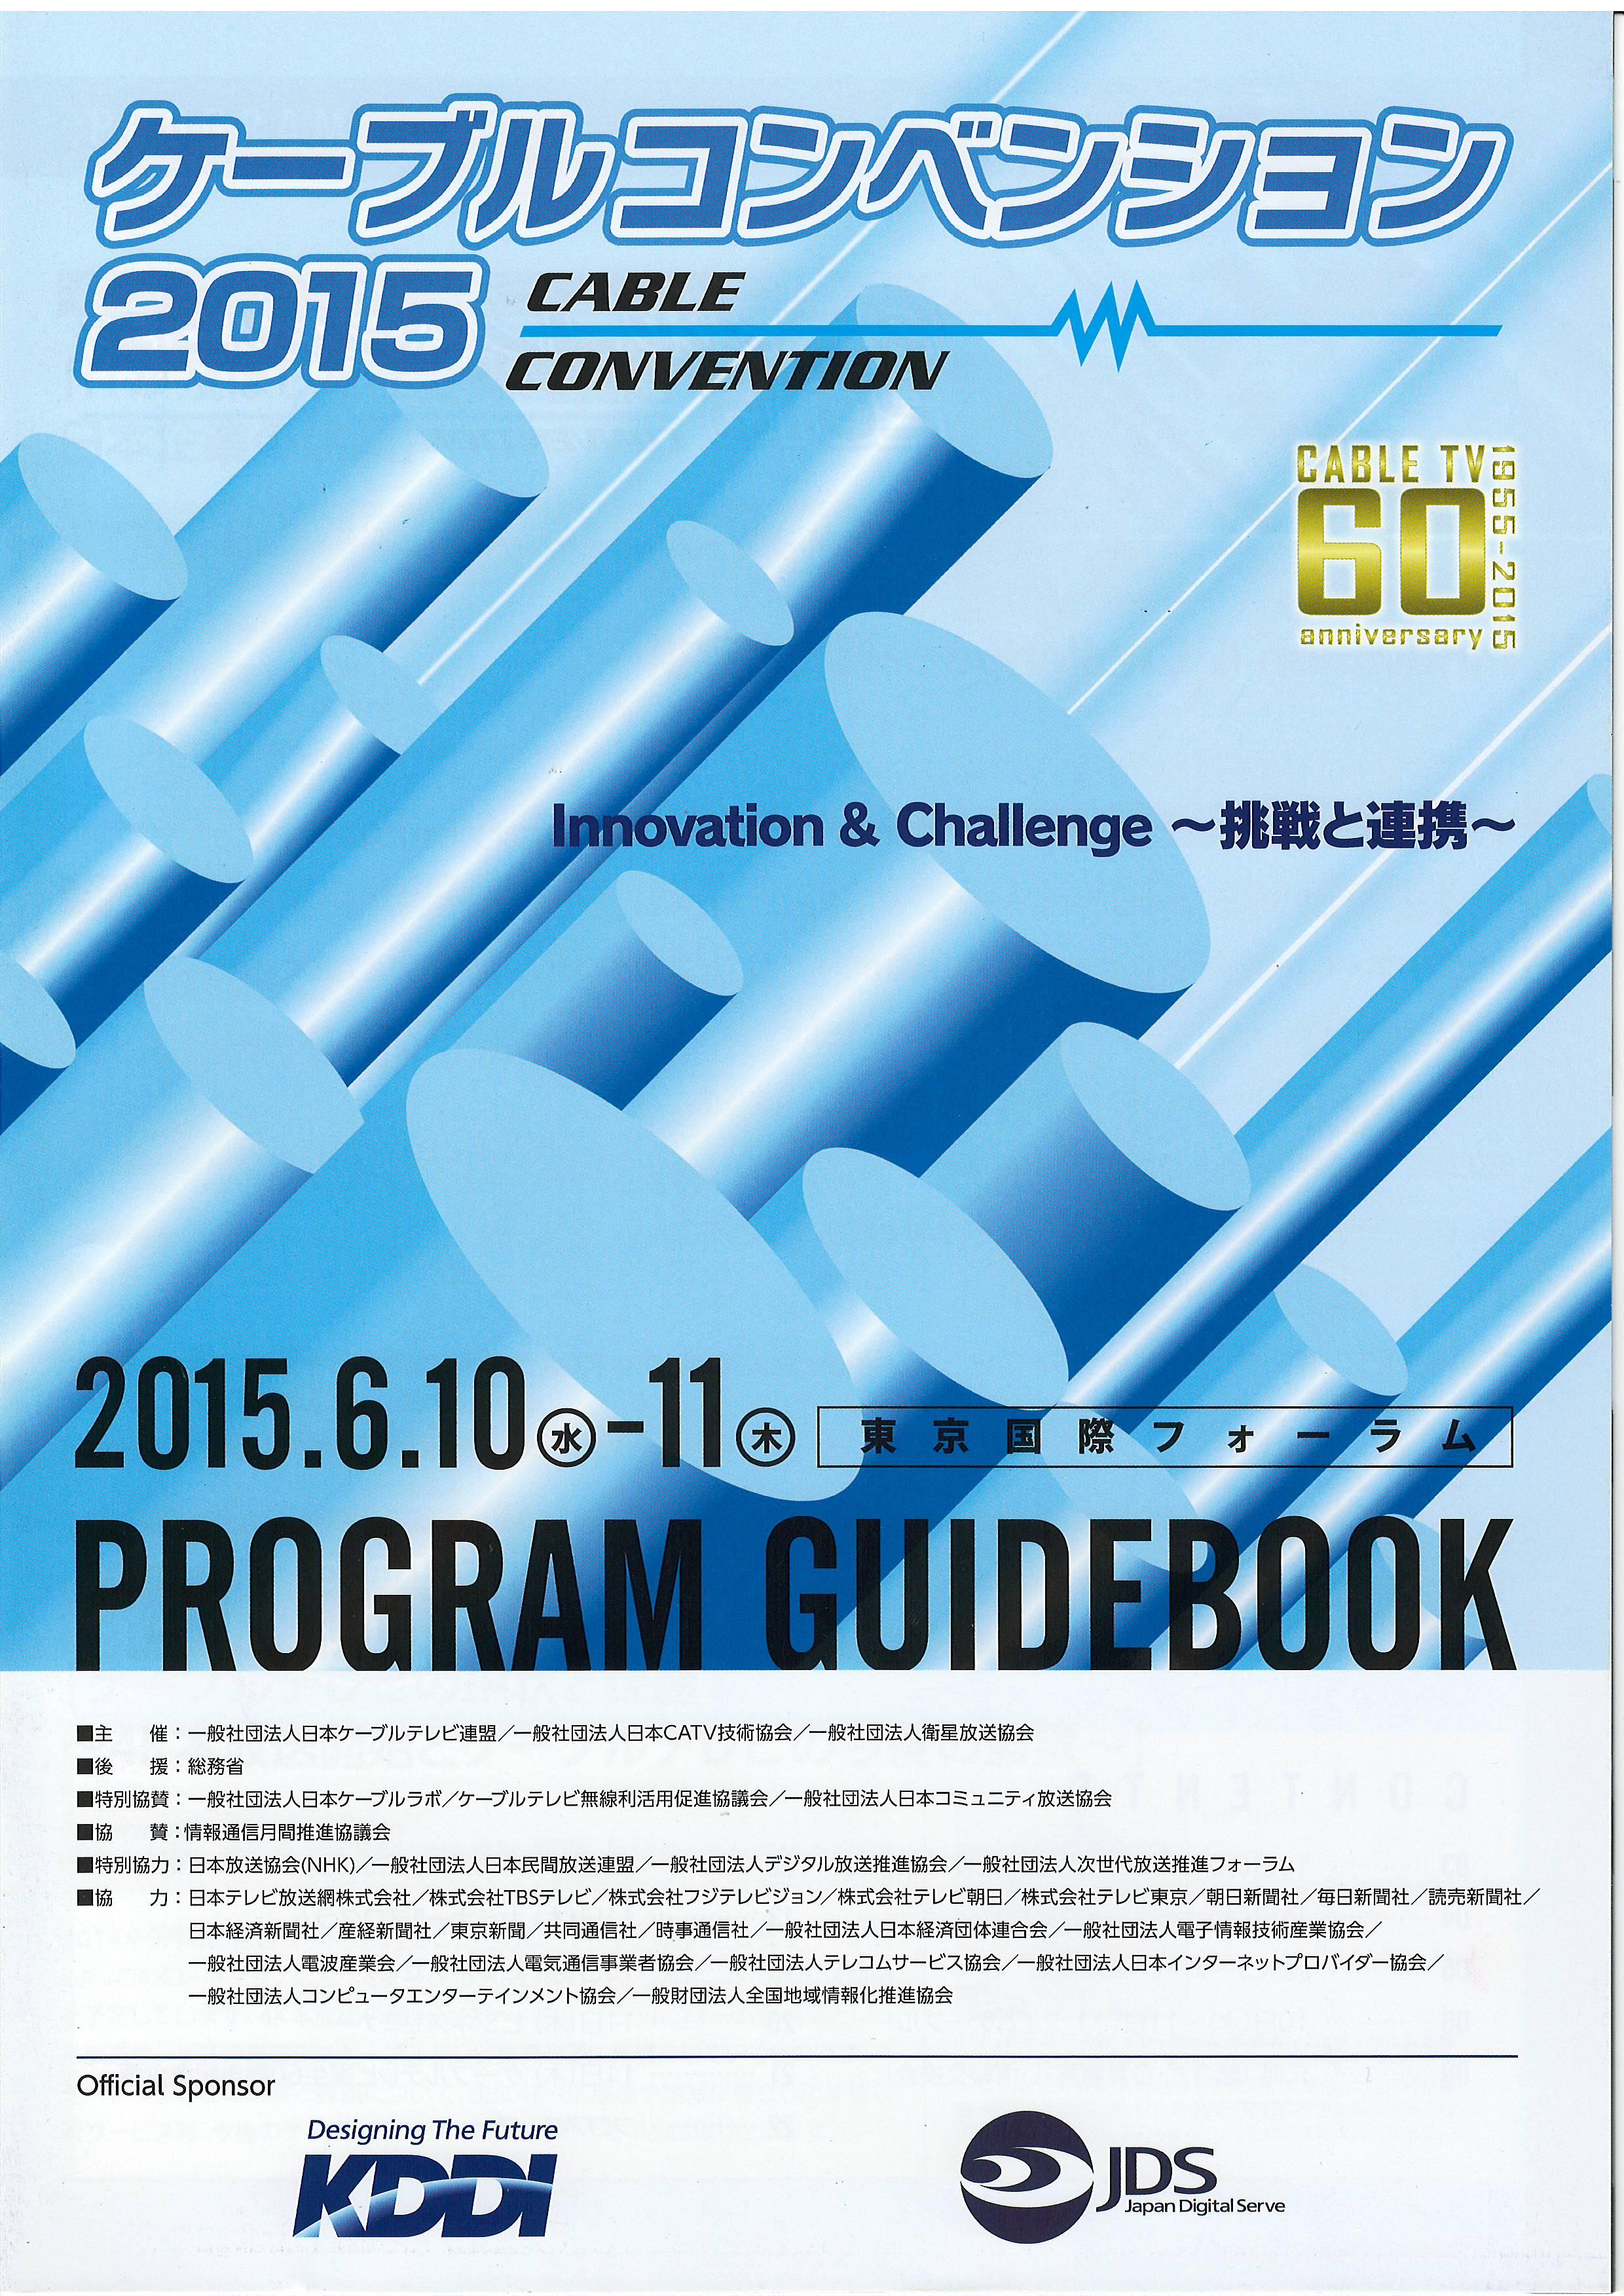 ケーブルテレビコンベンション2015表紙